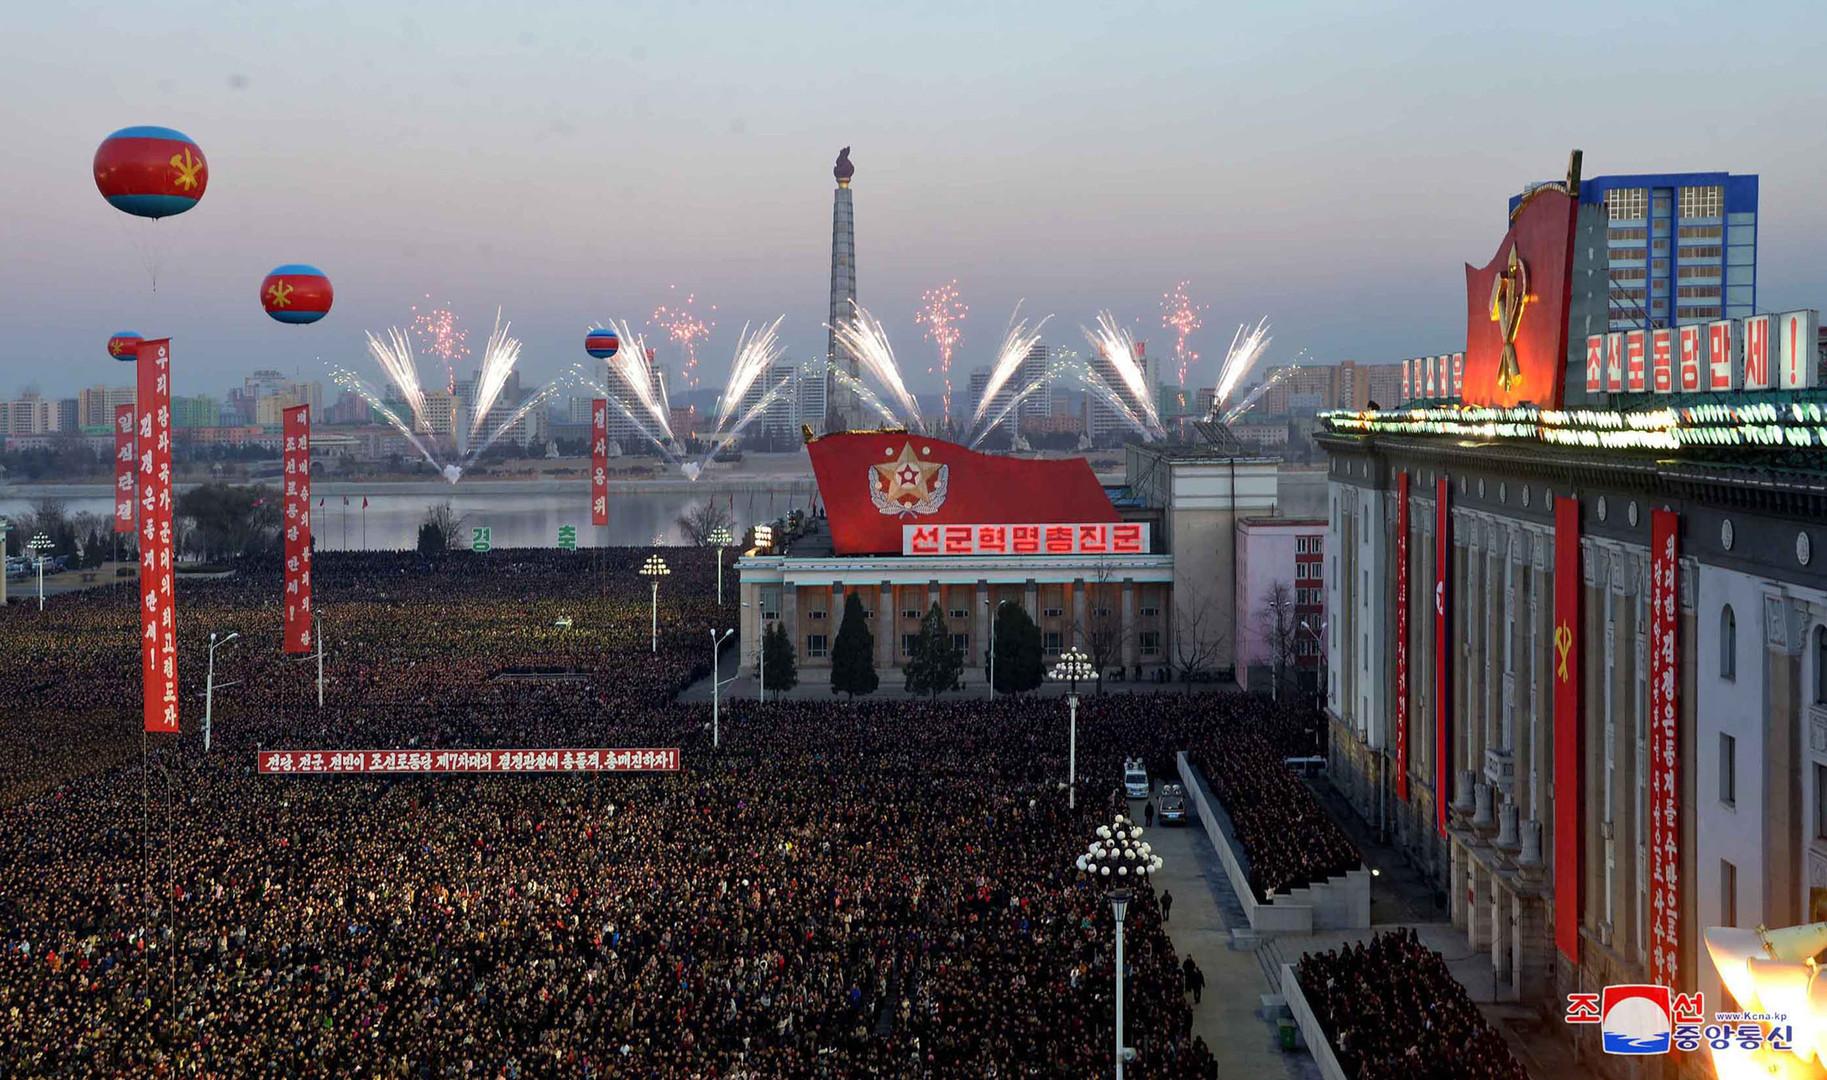 La Corée du Nord célèbre en grande pompe son nouveau statut d'«Etat nucléaire» (IMAGES)